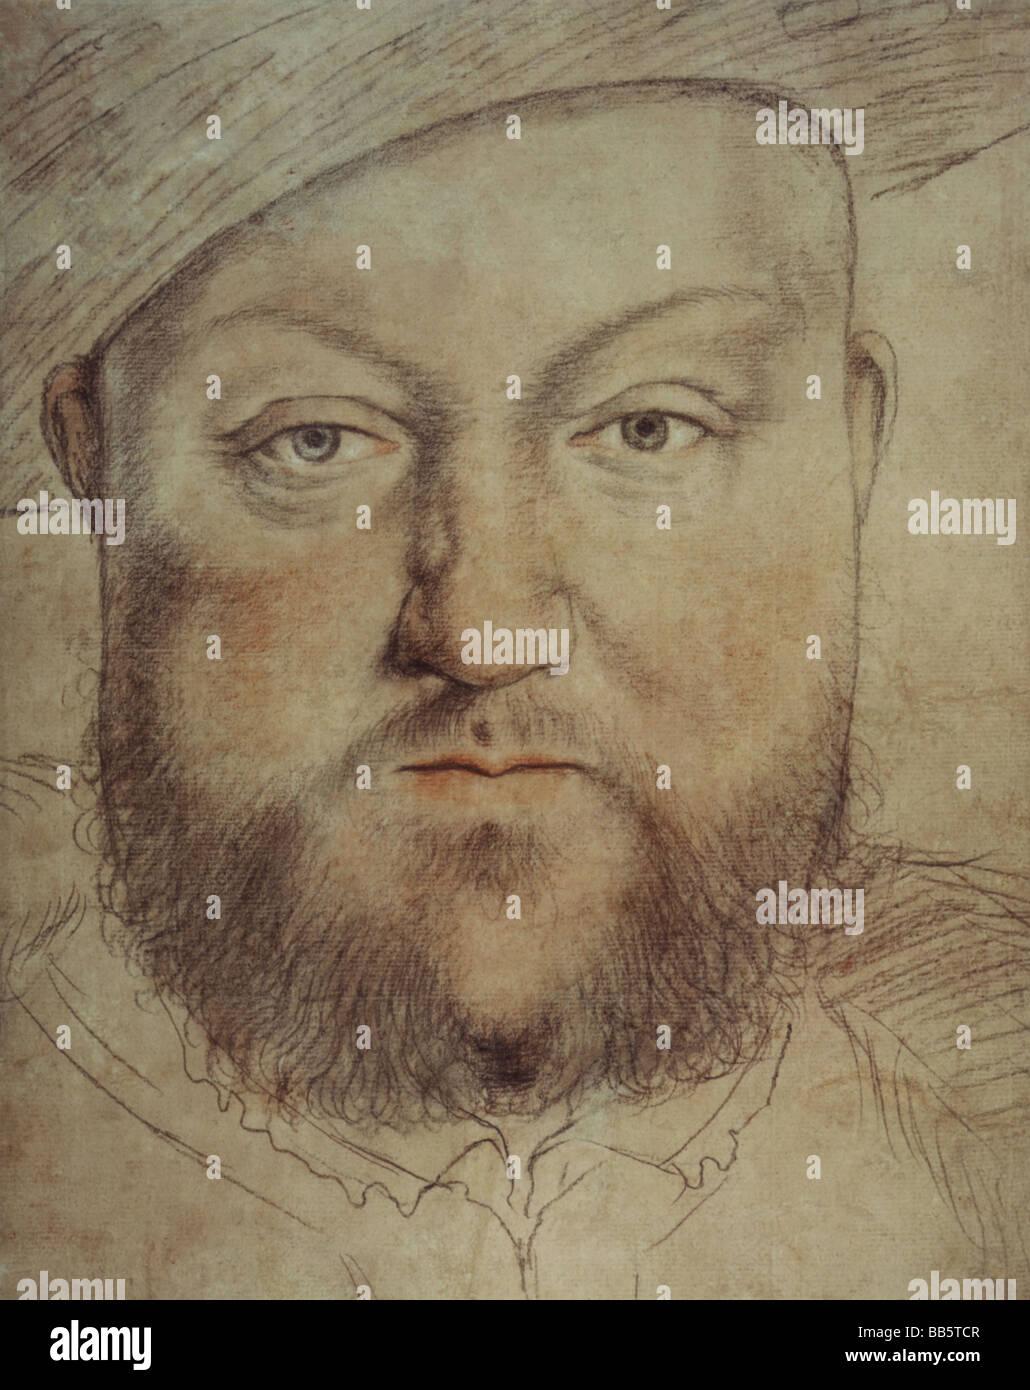 Henry VIII, 28.6.1491 - 28.1.1547, re d'Inghilterra dal 1509, ritratto dipinto da Hans Holbein il Giovane (1497 - 1543), artista del diritto d'autore non deve essere cancellata Foto Stock